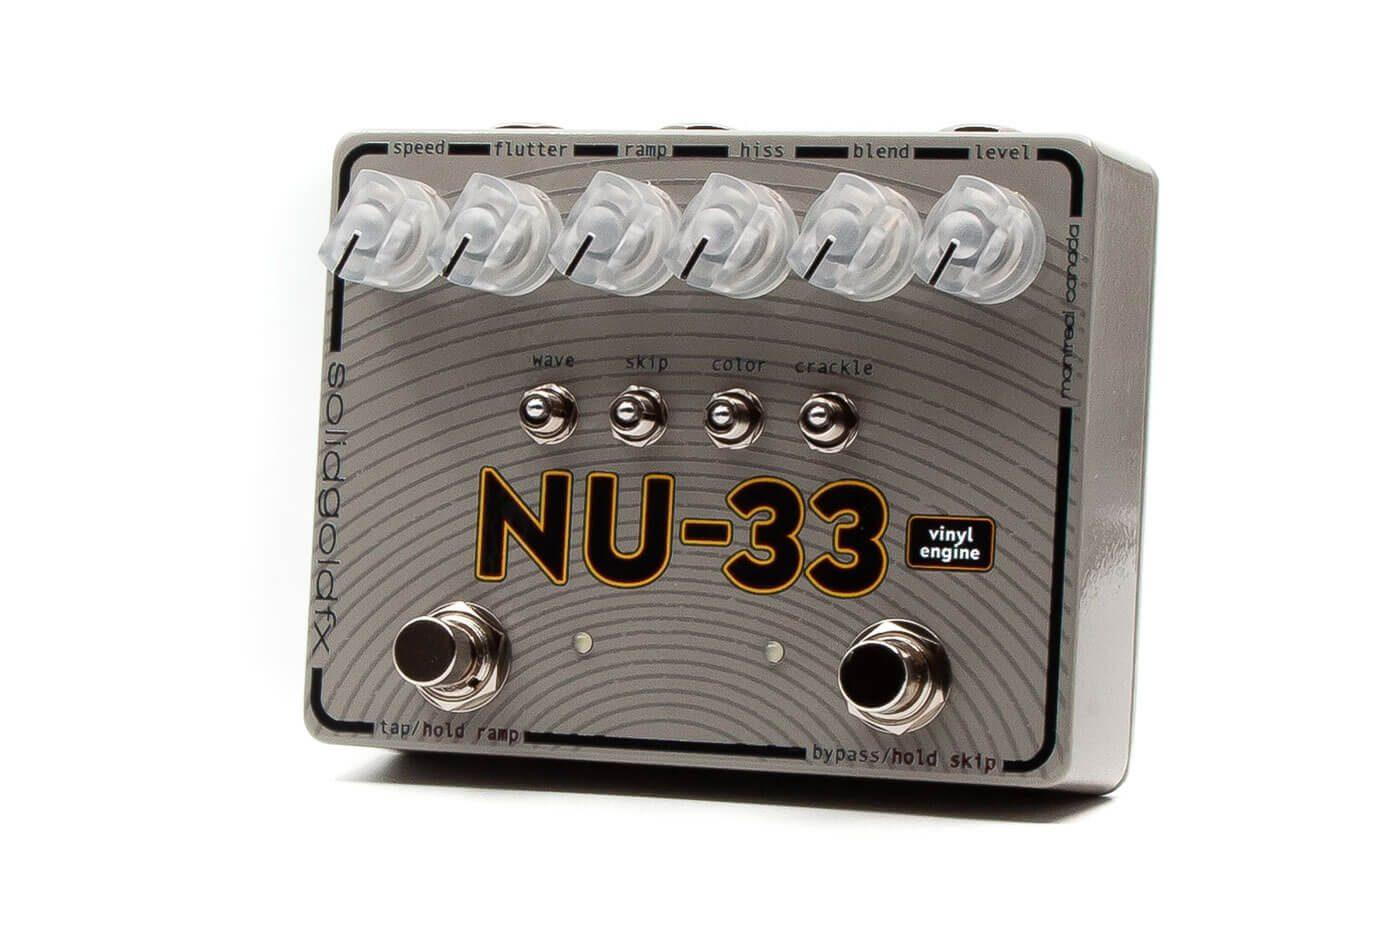 NU-33 da Solid Gold FX Põe A Guitarra A Soar A Vinil